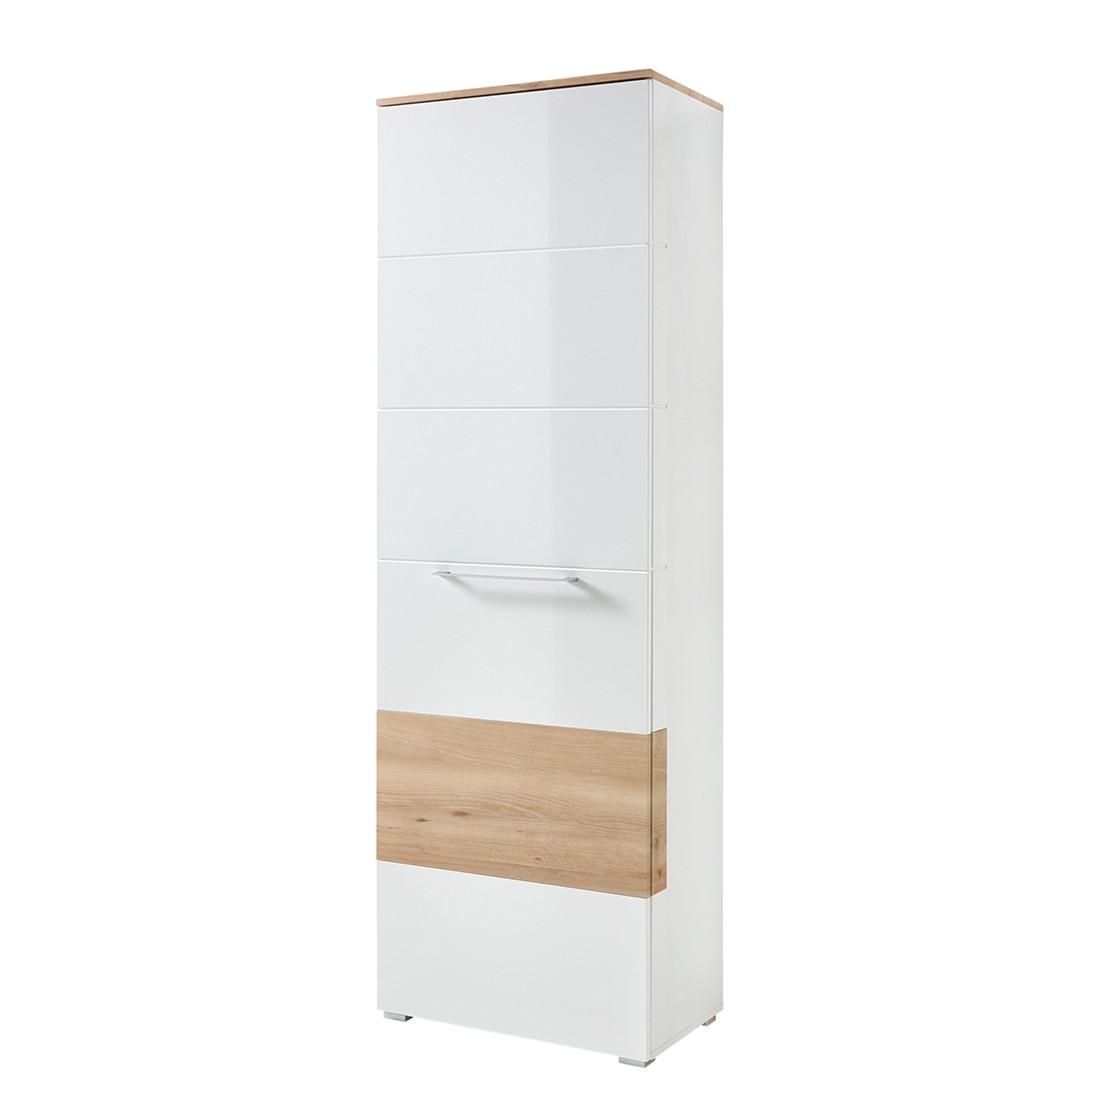 Garderoben online günstig kaufen über shop24.at | shop24